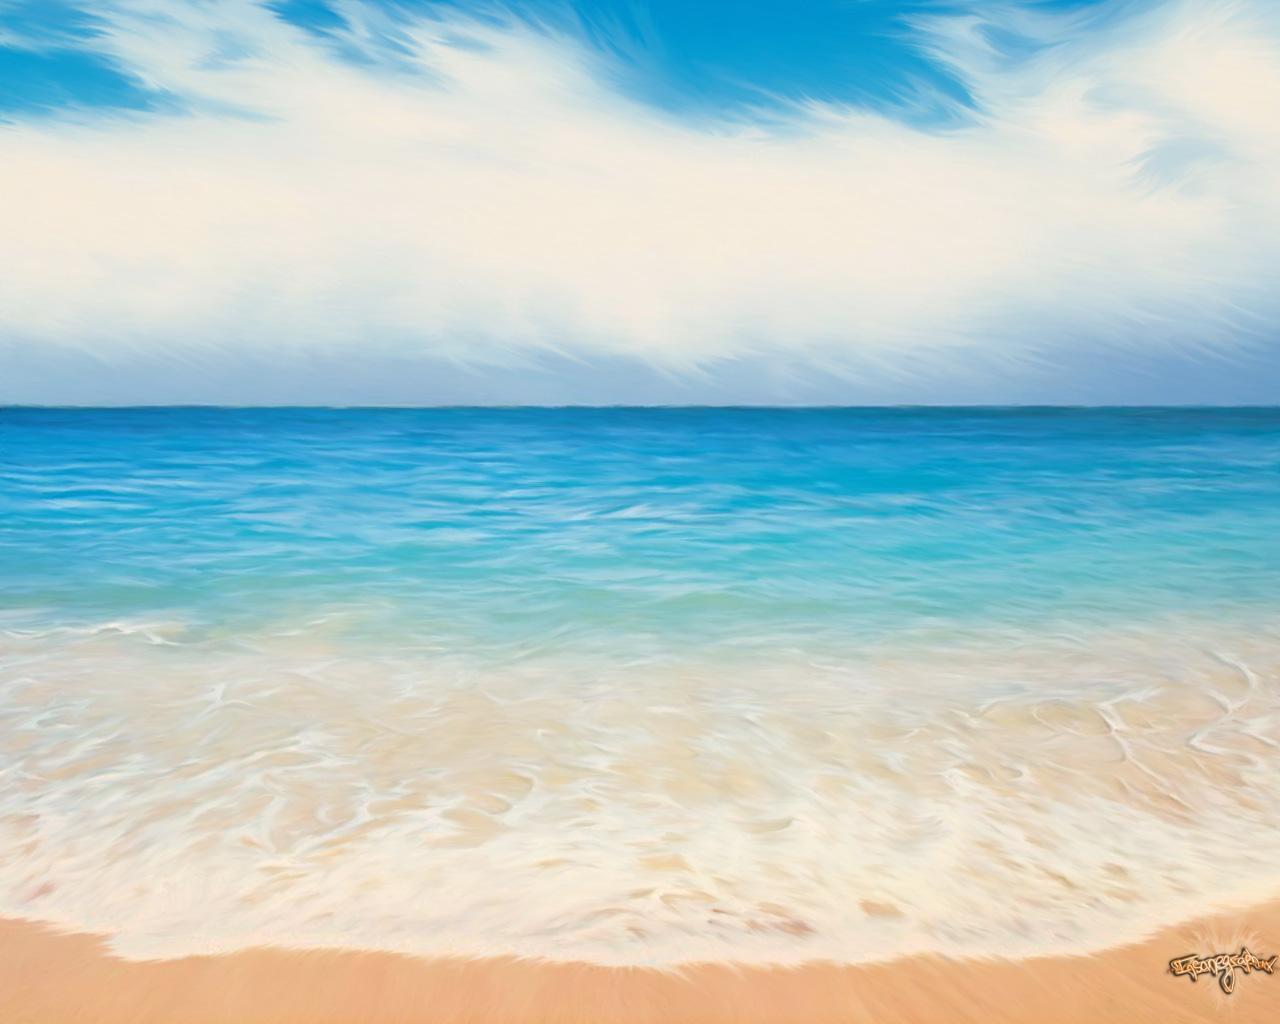 Θάλασσα μικρή μια θάλασσα μικρή είναι